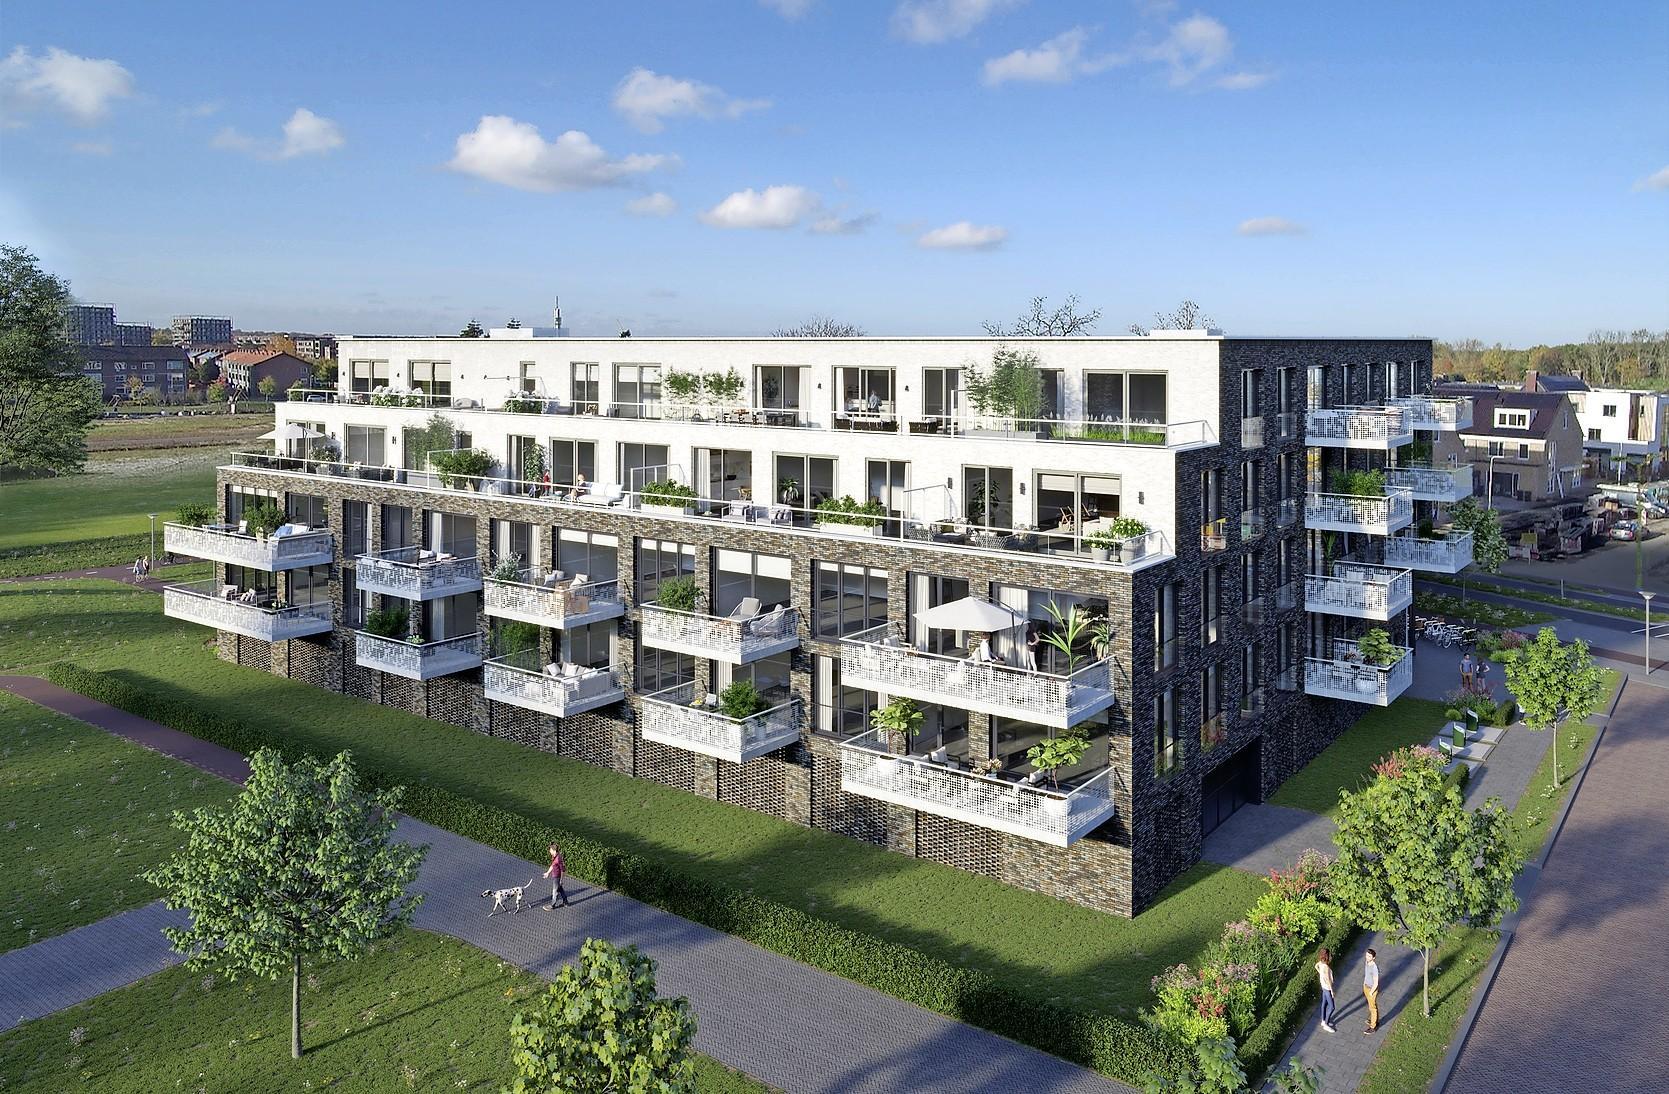 Bouw Hilversums complex Anna's Hof vertraagd: bezwaar tegen vergunning, vanwege parkeernorm, te grote balkons en kijkgaten